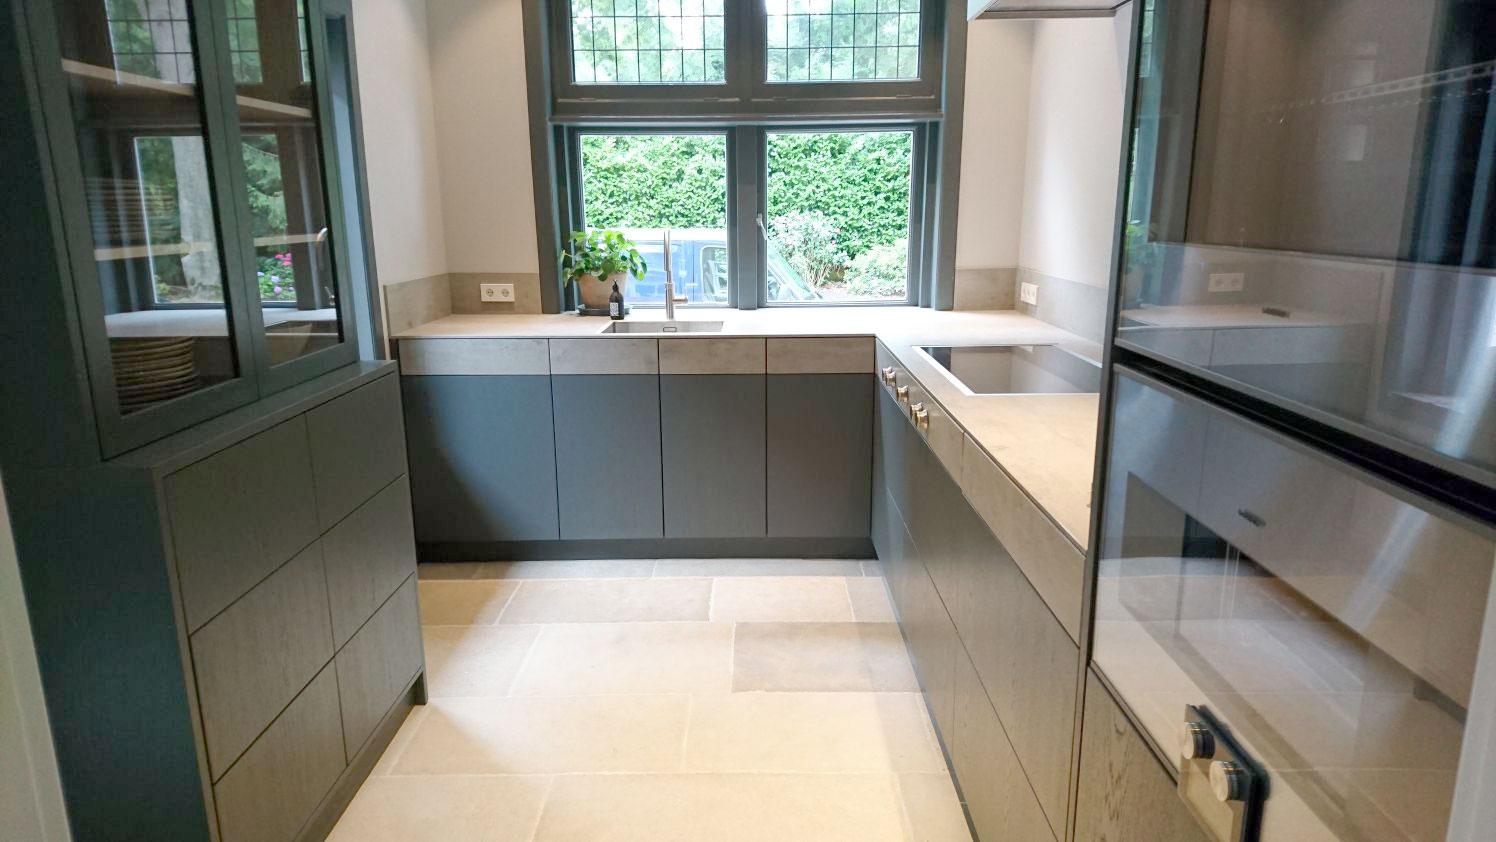 Keuken ontwerpen voorbeelden muurteksten keuken with for Keuken zelf ontwerpen